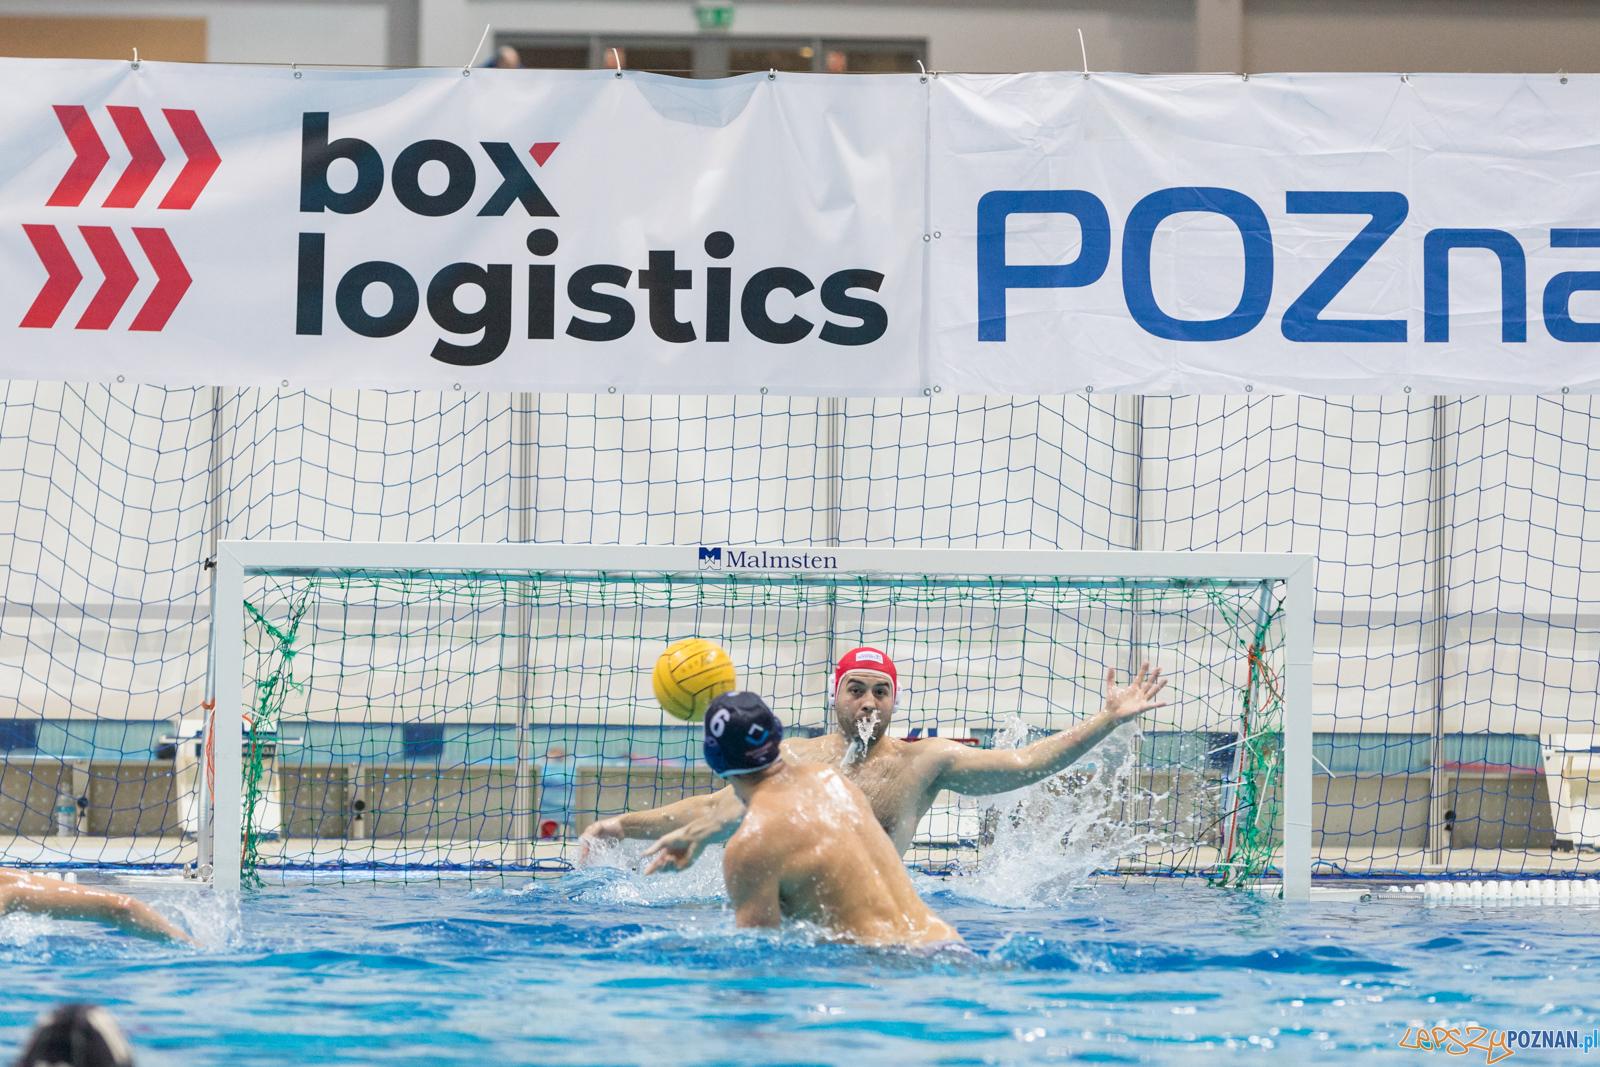 Box Logistics Waterpolo Poznań – ŁSTW Ocmer Łódź  Foto: lepszyPOZNAN.pl/Piotr Rychter